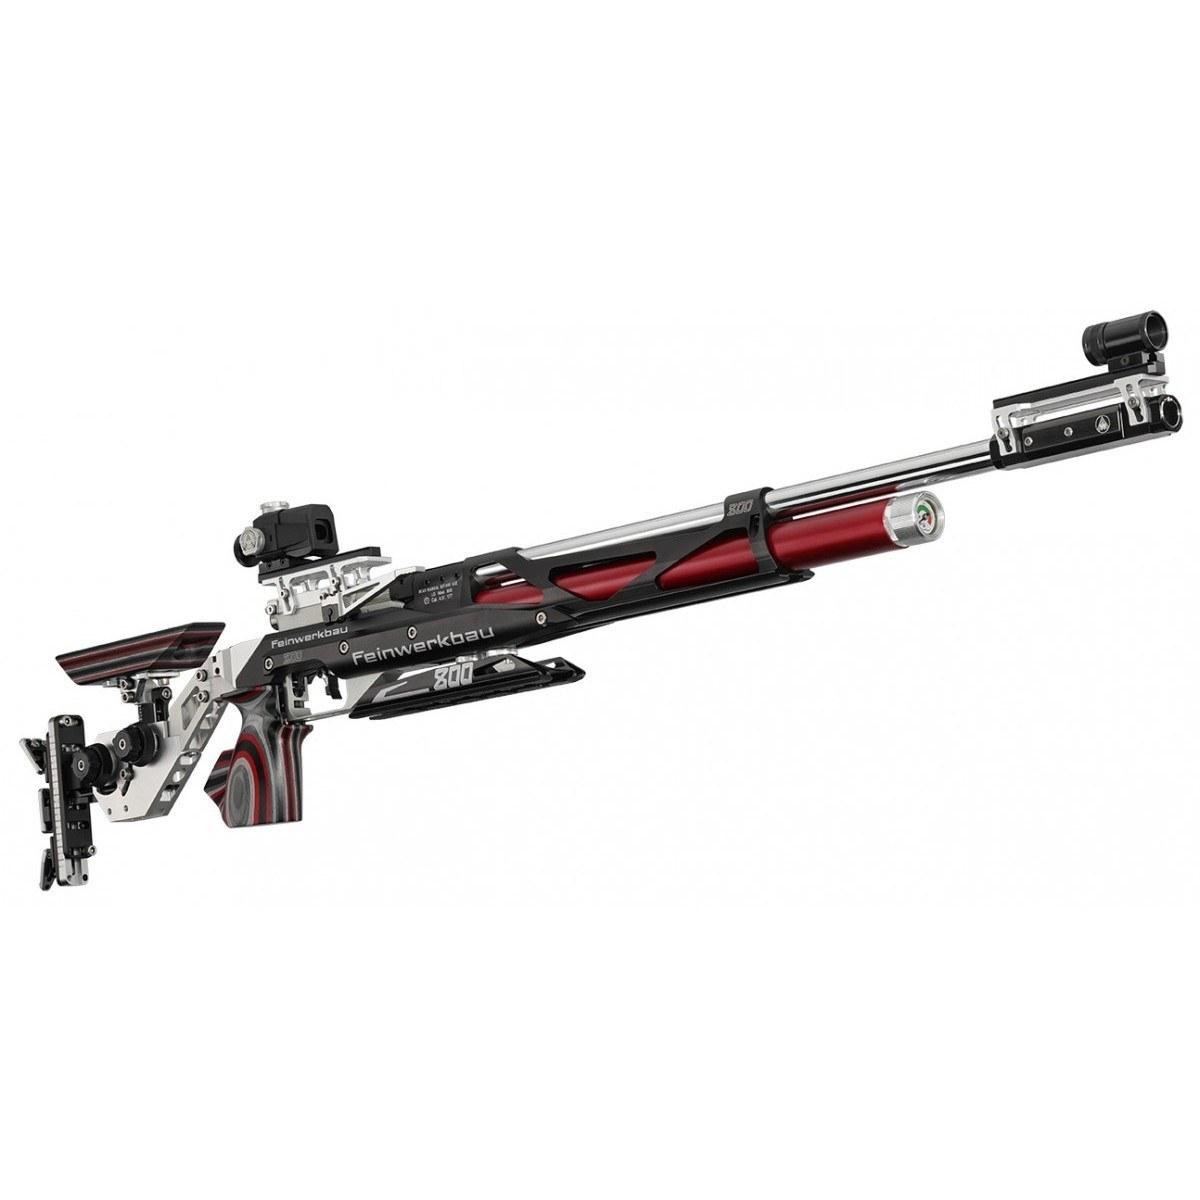 تصویر تفنگ پی سی پی فینورک بائو 800 ایکس | Feinwerkbau 800X PCP Match Air Rifle